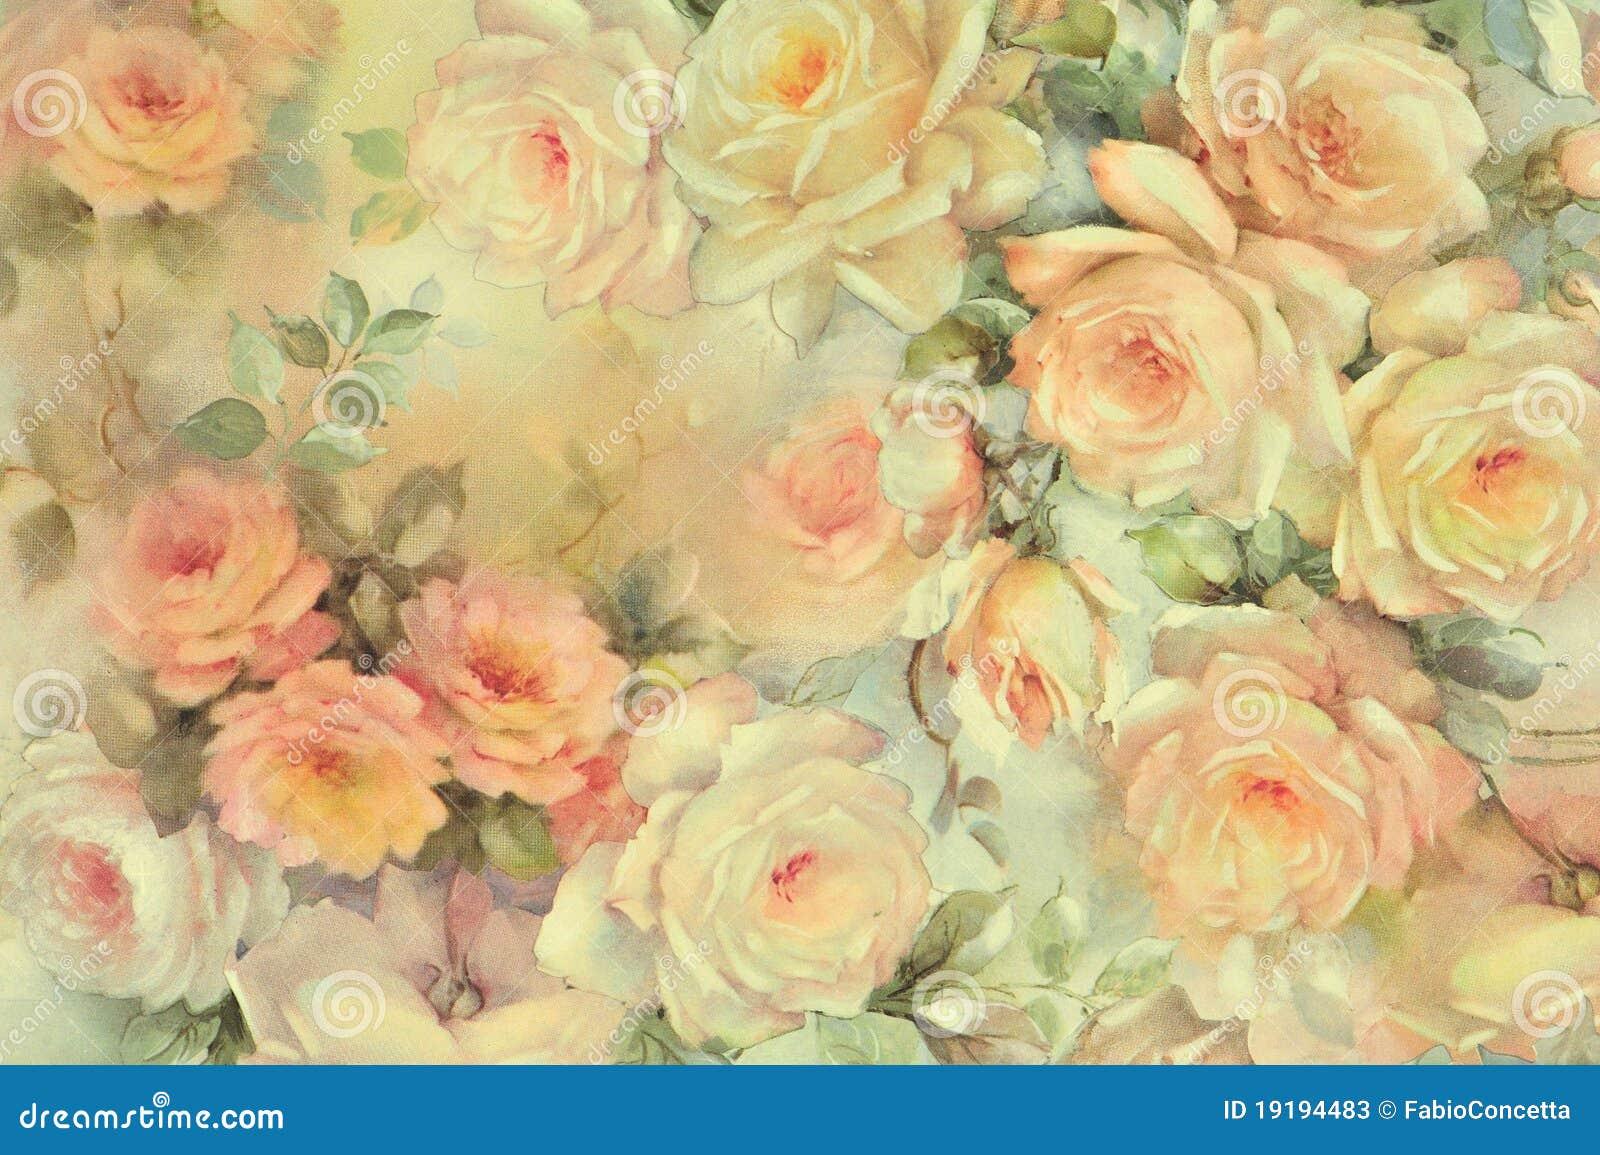 Hintergrund der empfindlichen Rosen